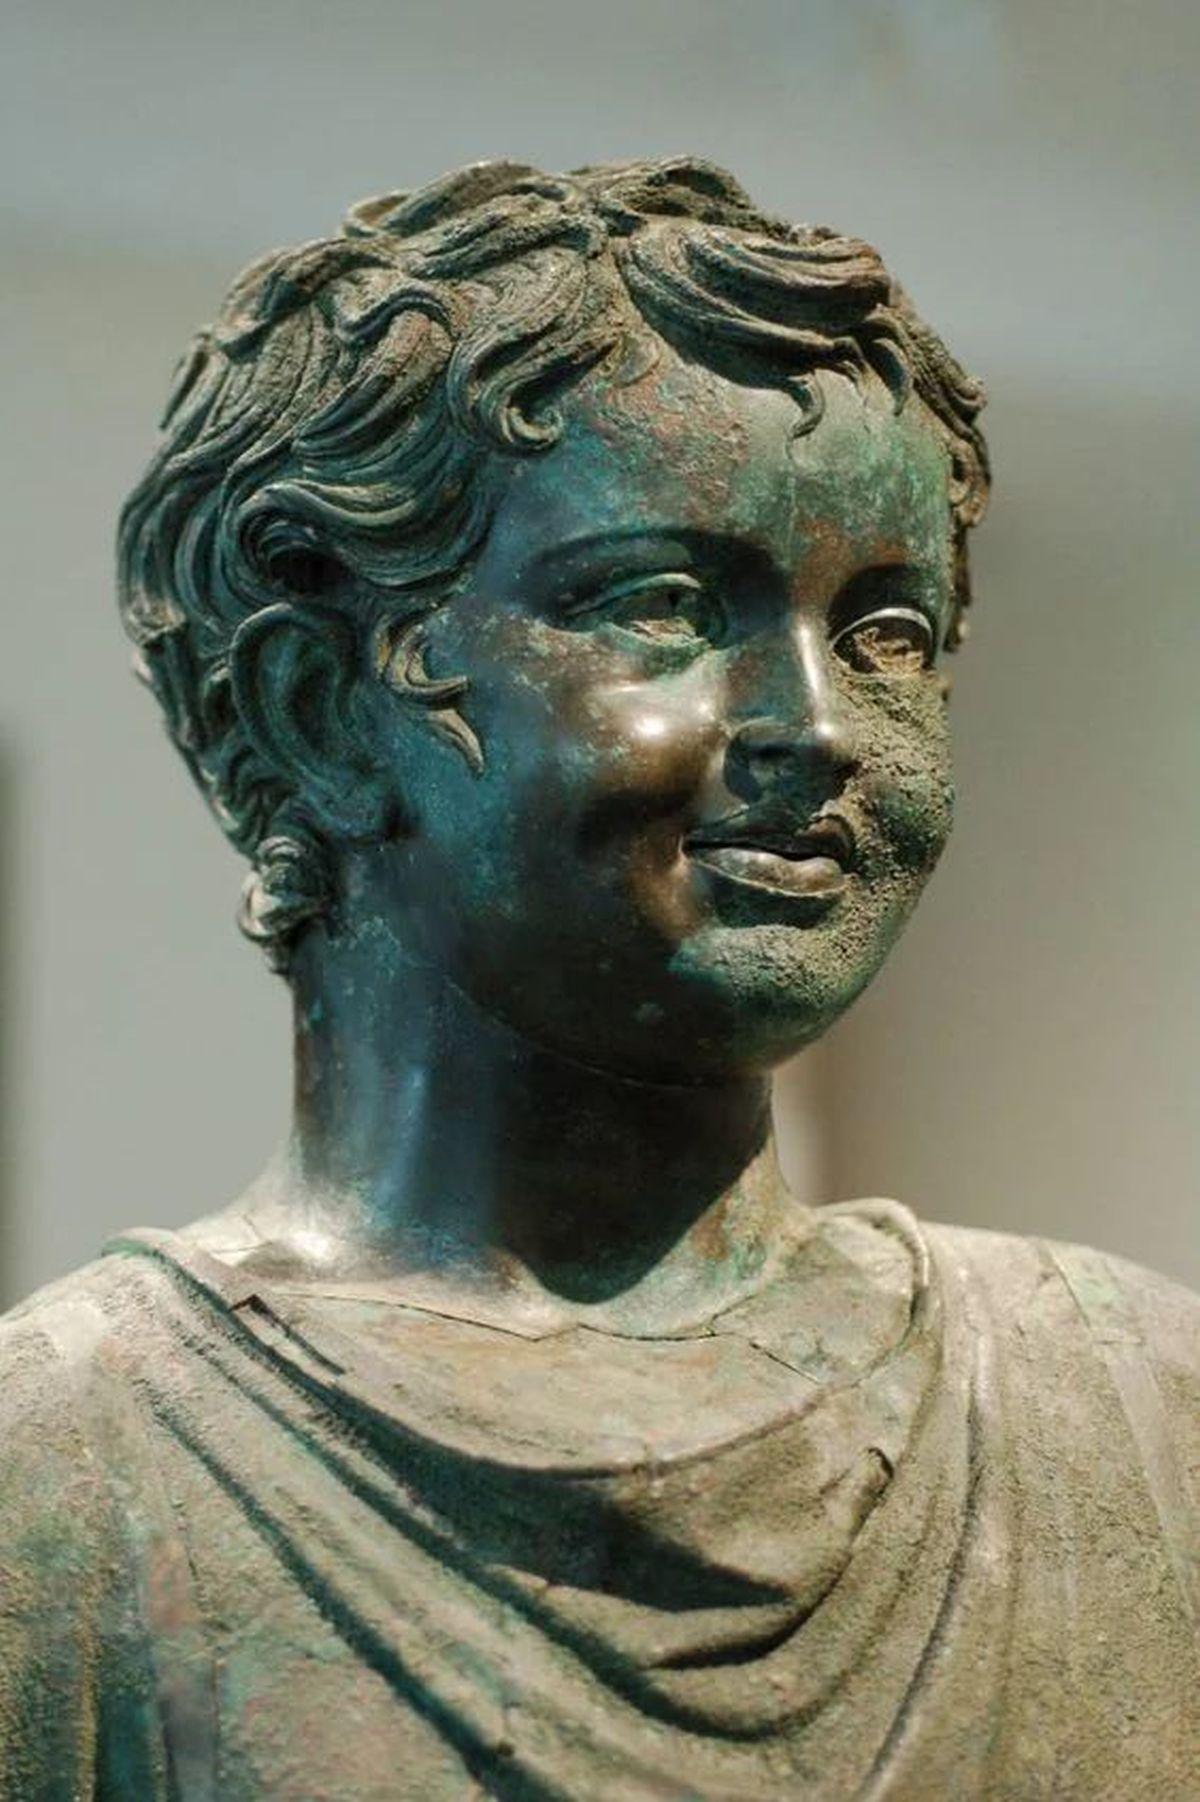 Rzeźba rzymska ukazująca uśmiechniętego chłopca.   romancoins.info